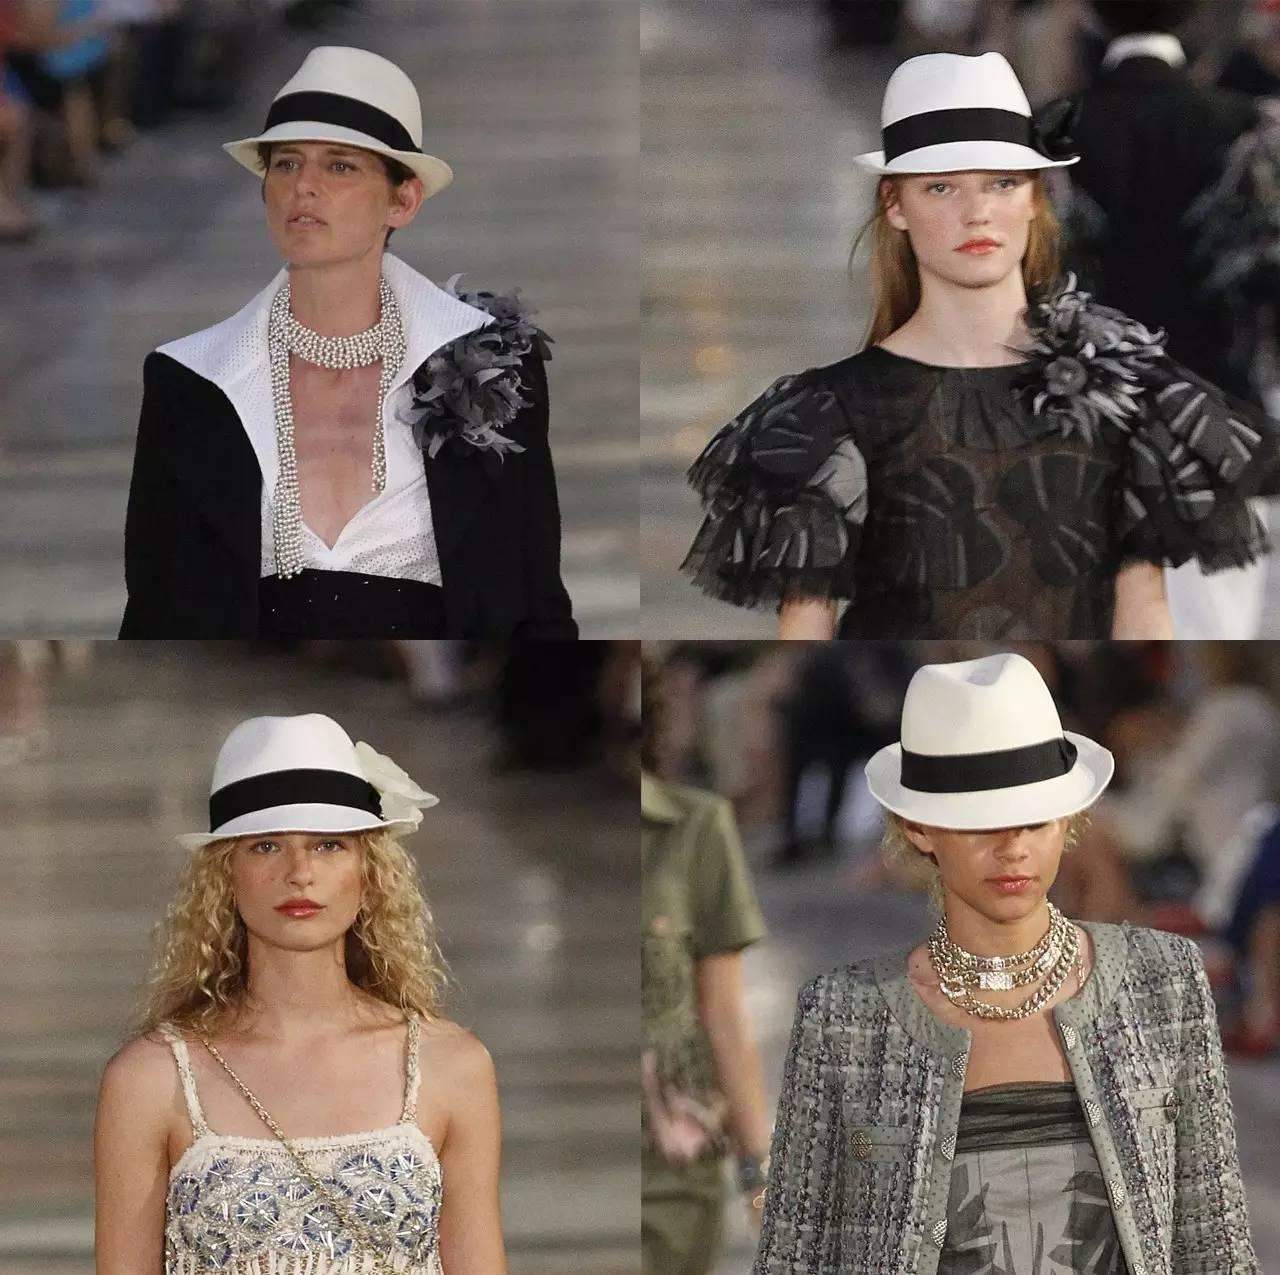 夏天草帽是必备,时髦百搭真宝贝!